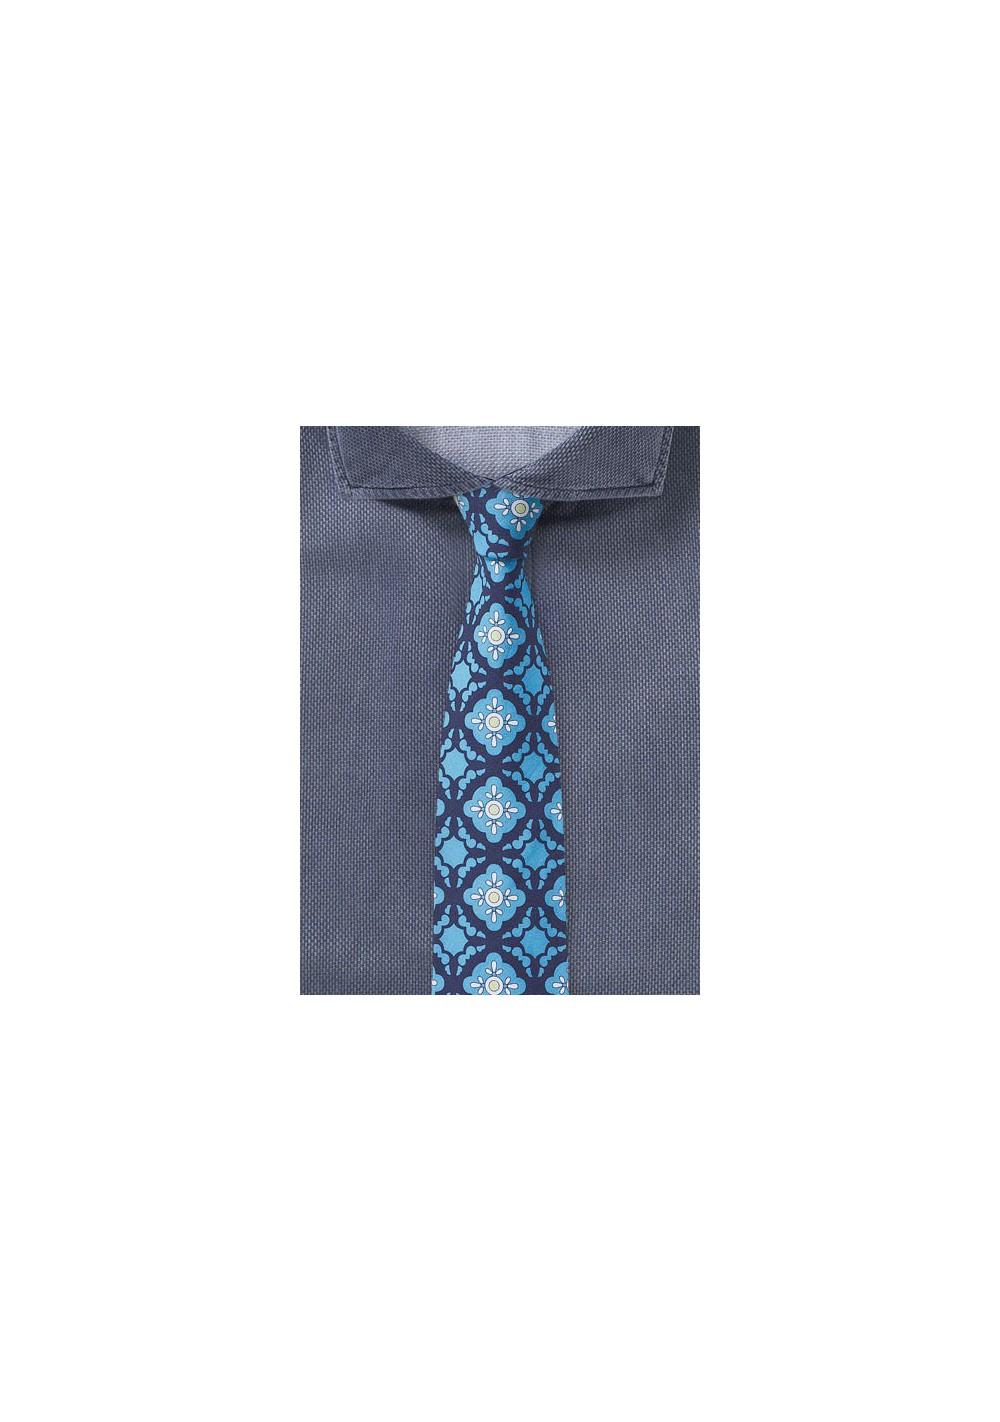 Tile Design Skinny Tie in Blue and Aqua